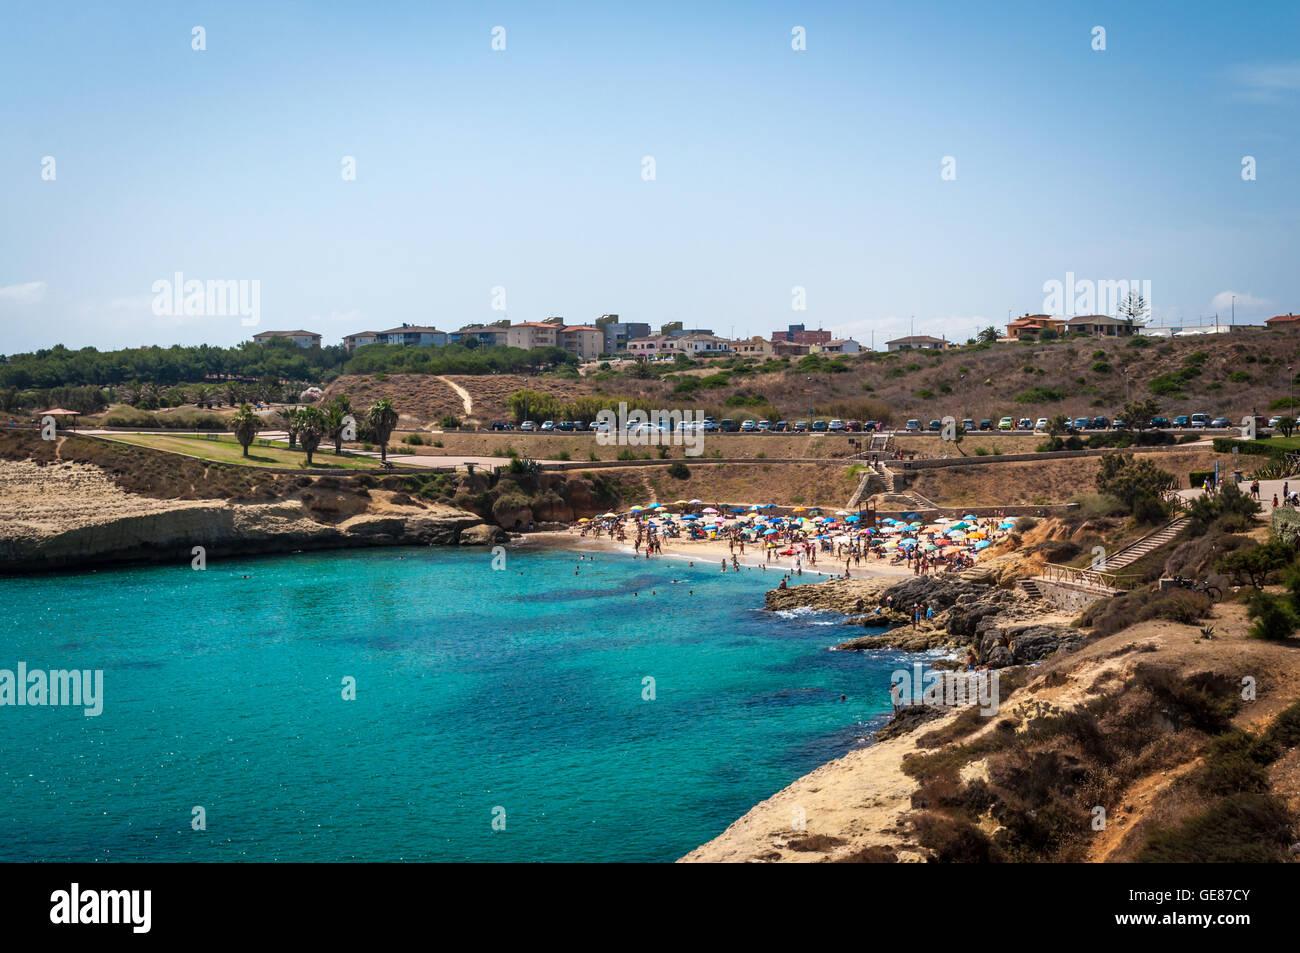 Paesaggio della spiaggia di Balai, Sardegna, in una giornata di sole di estate Immagini Stock